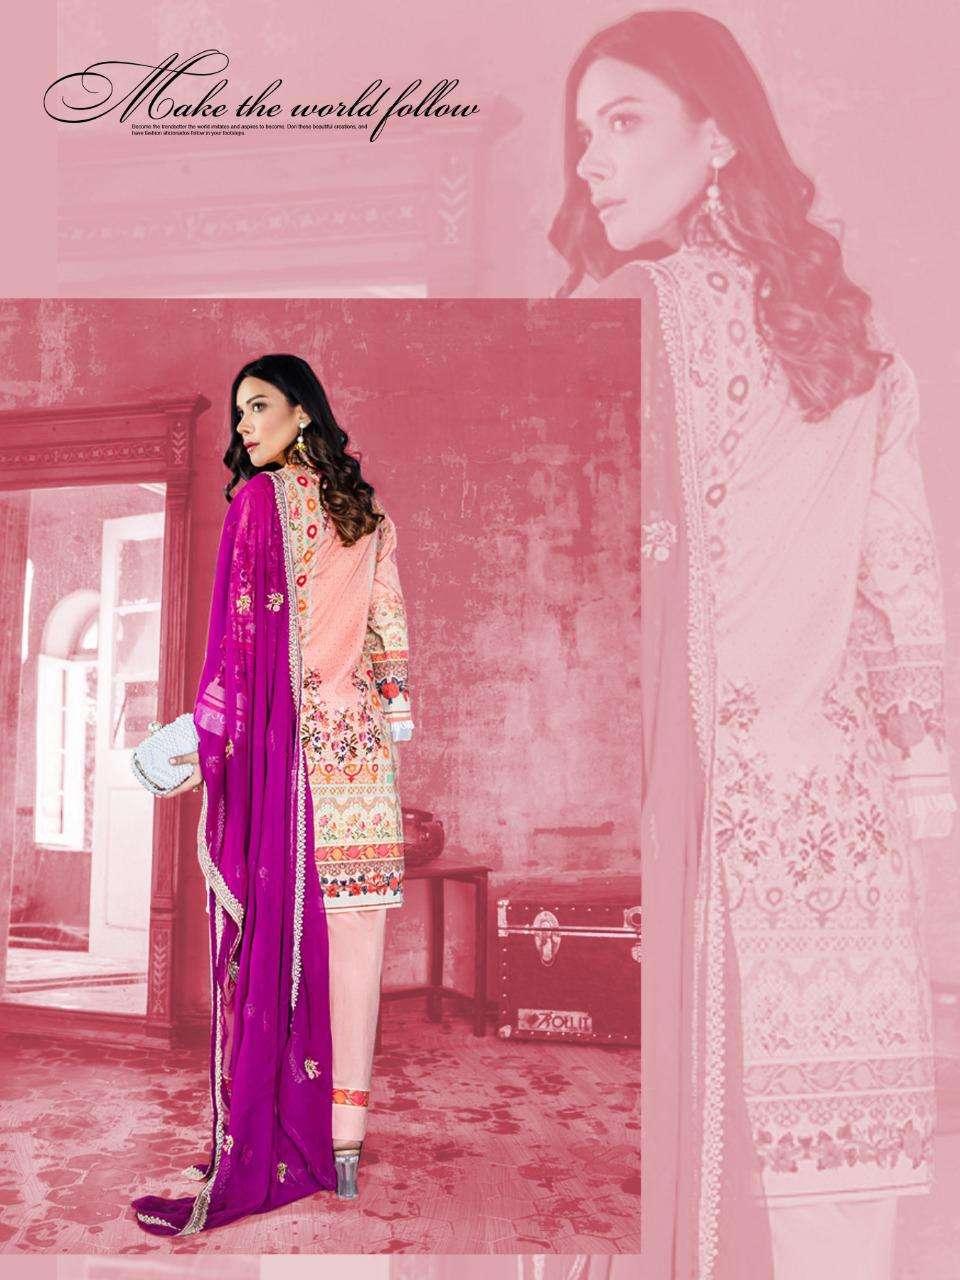 Nandgopal Prints Sofiya Vol 2 Pure Cotton Printed Ladies Suits Wholesaler